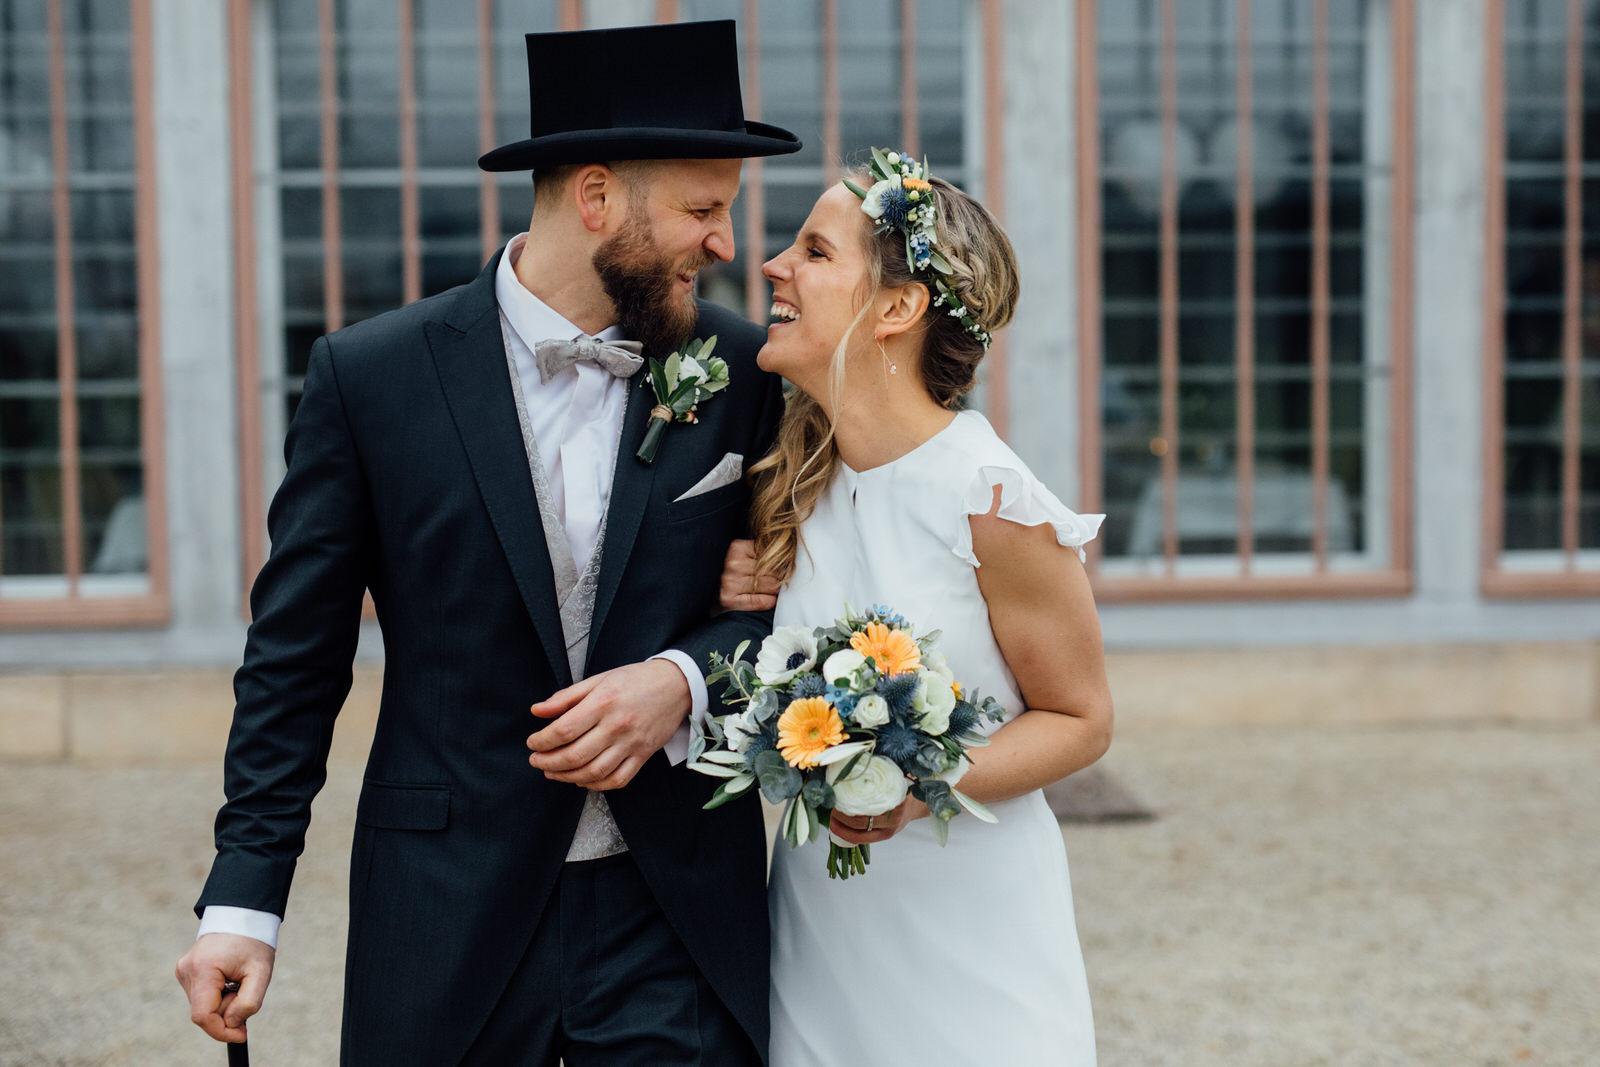 Hochzeitsfotograf_Rödental_Alte_Mühle_Alte_Orangerie_Schloss_Rosenau_100227249.JPG